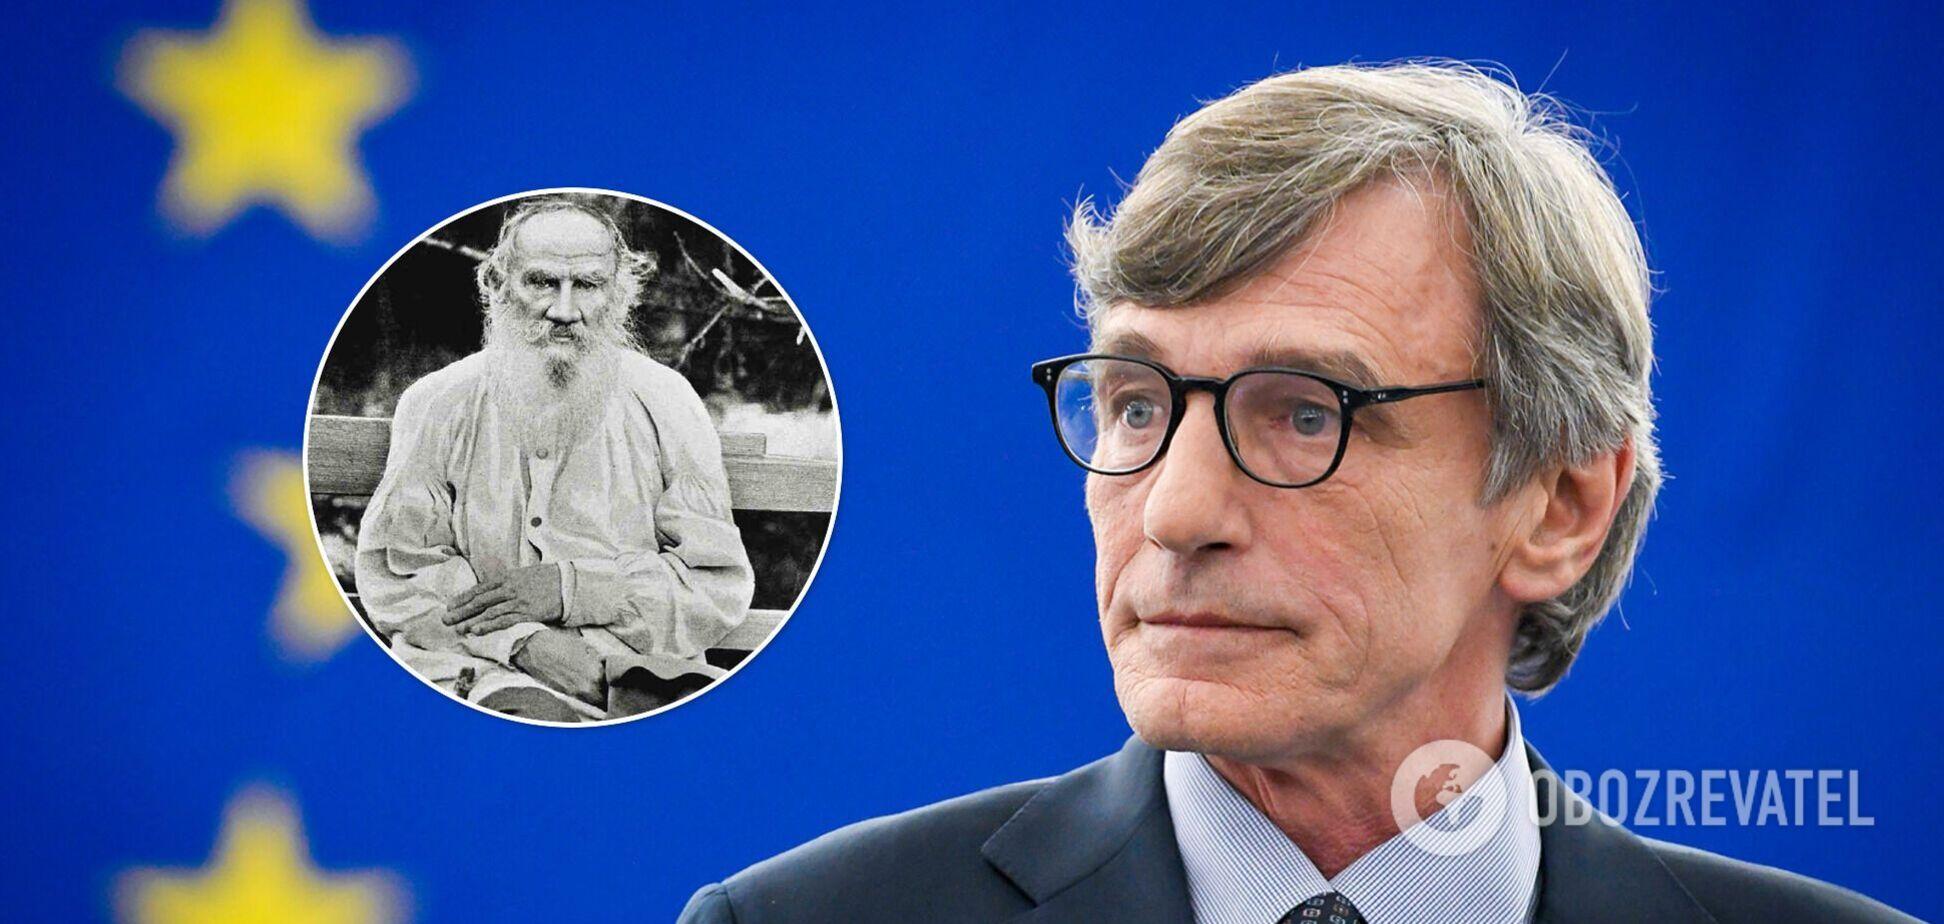 Глава Європарламенту заявив, що санкції РФ не змусять їх замовкнути, і процитував Льва Толстого